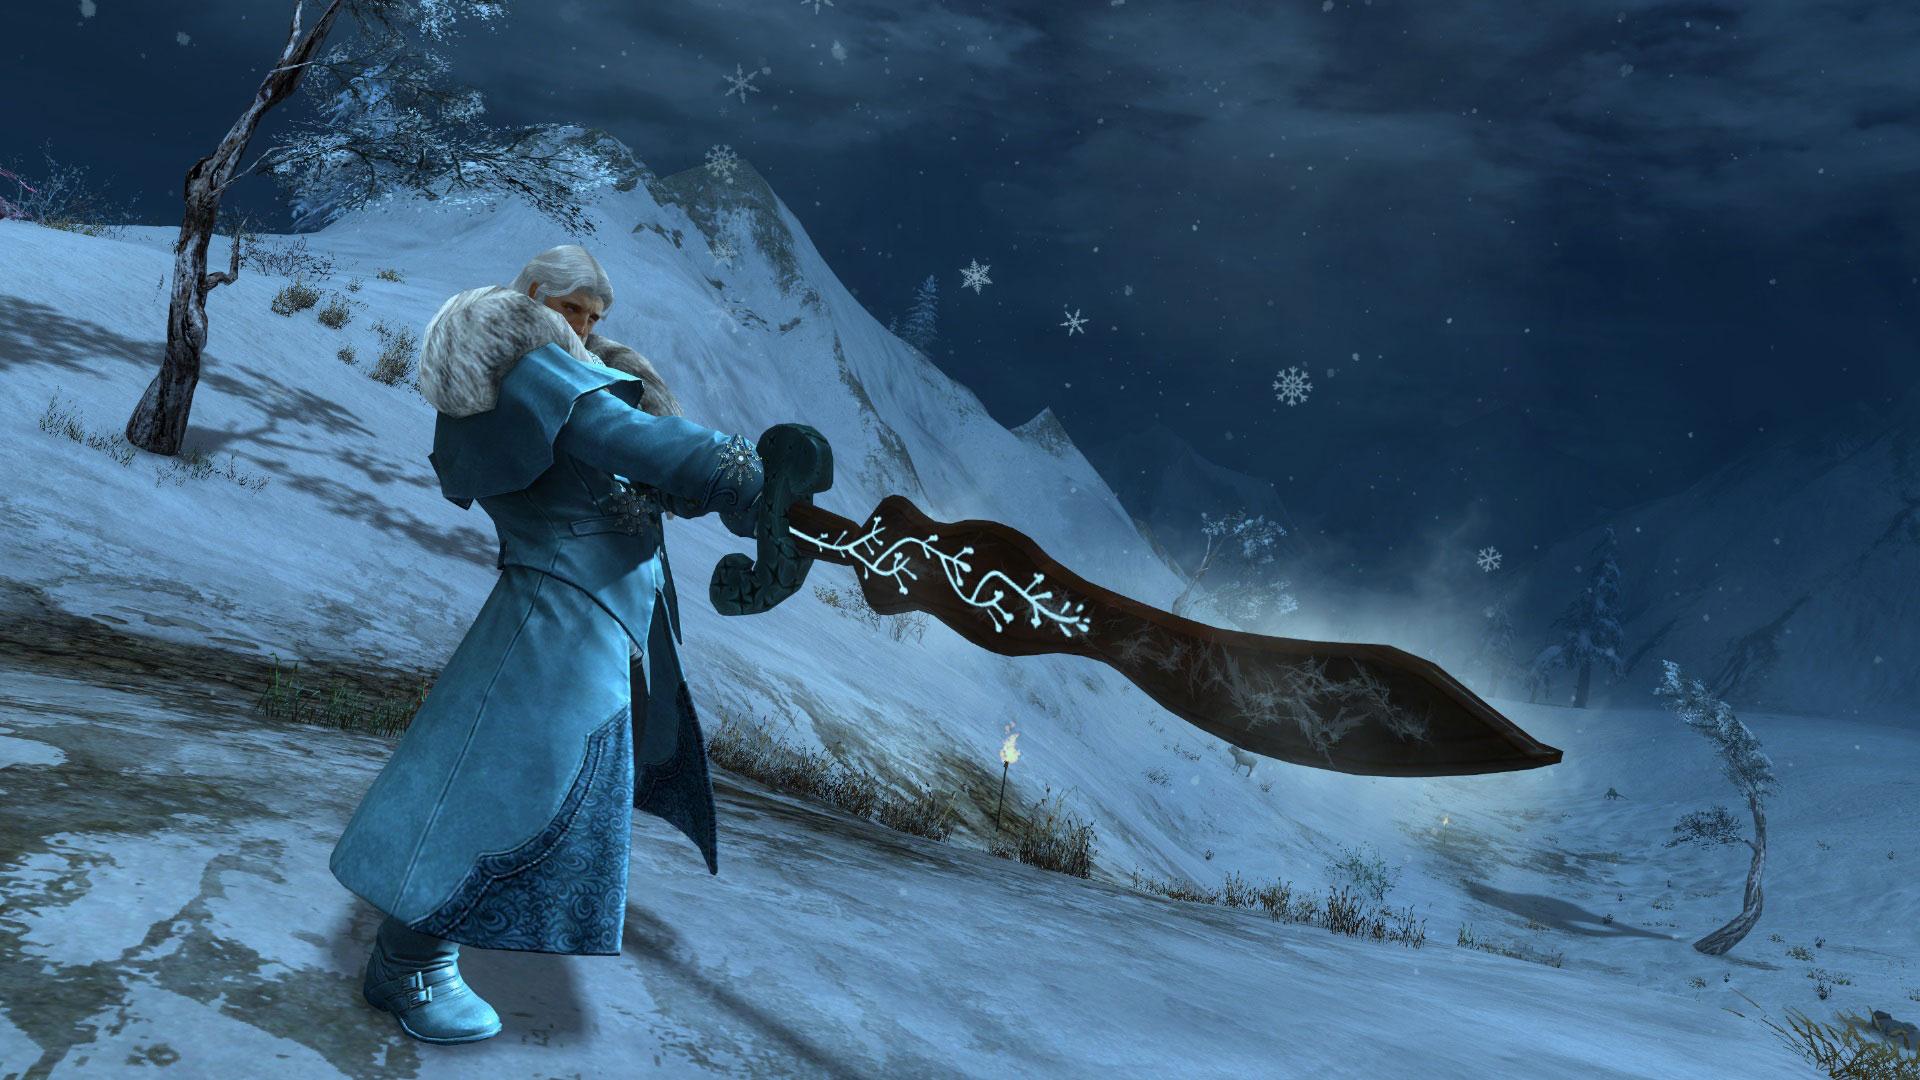 Bild von Galerie: Winter-Waffen